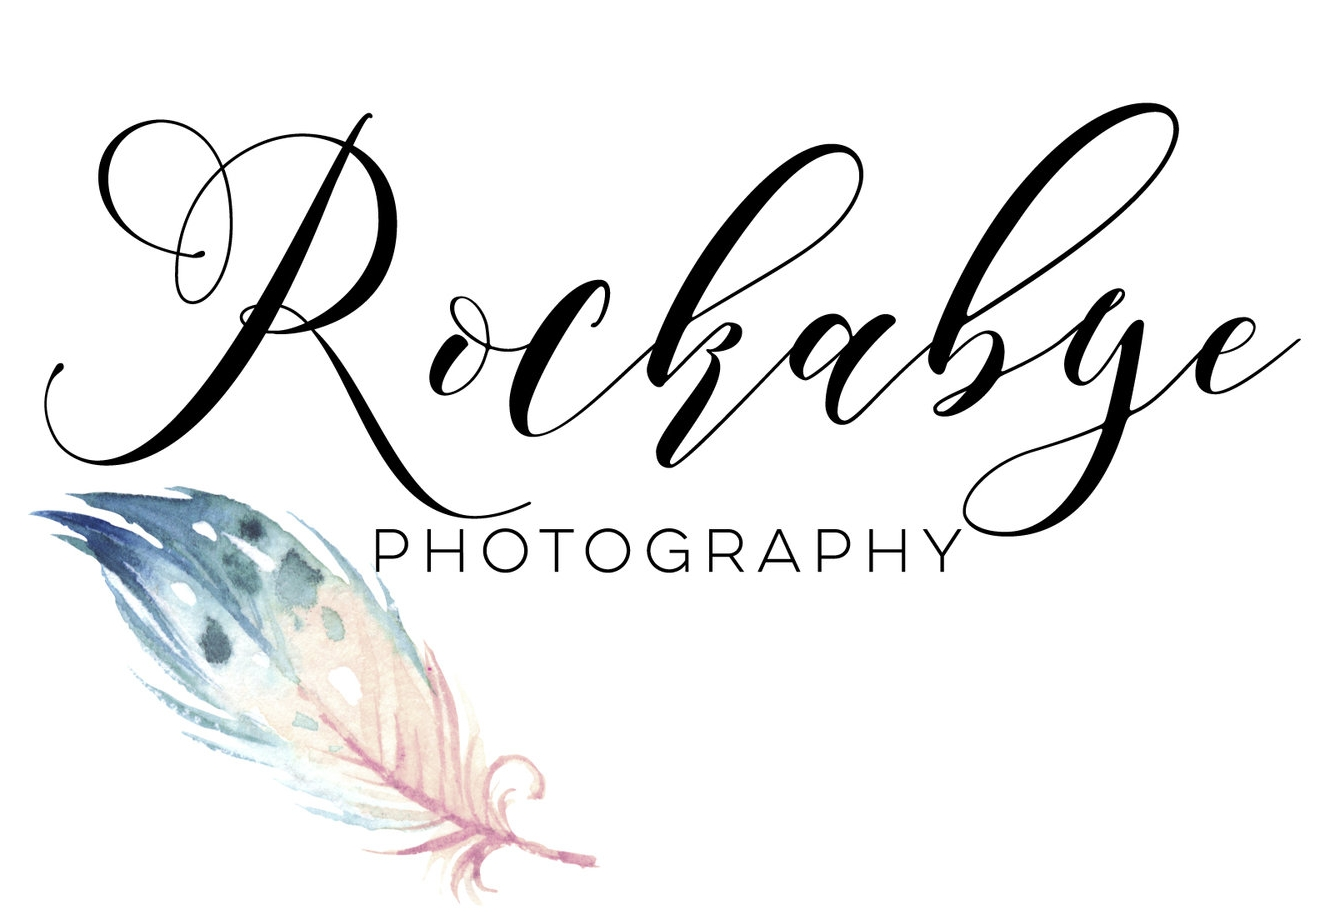 Rockabye photography